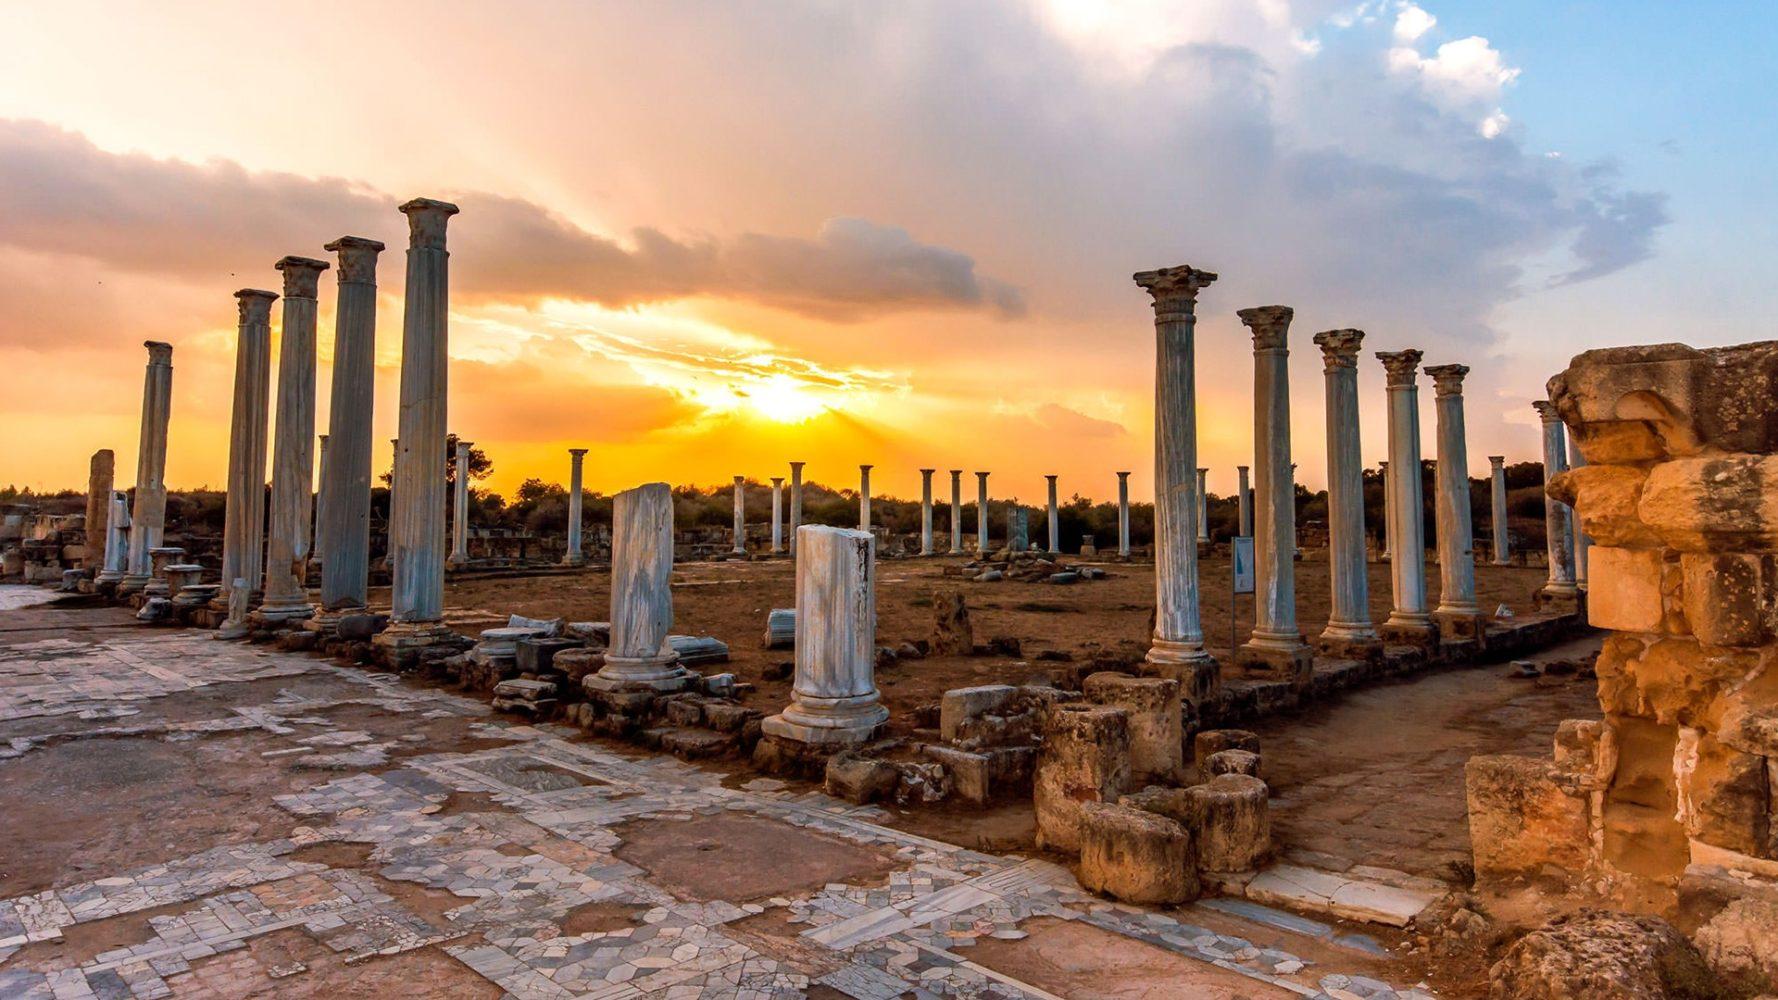 Kuzey Kıbrısla İlgili Kısa Bilgiler Serisi